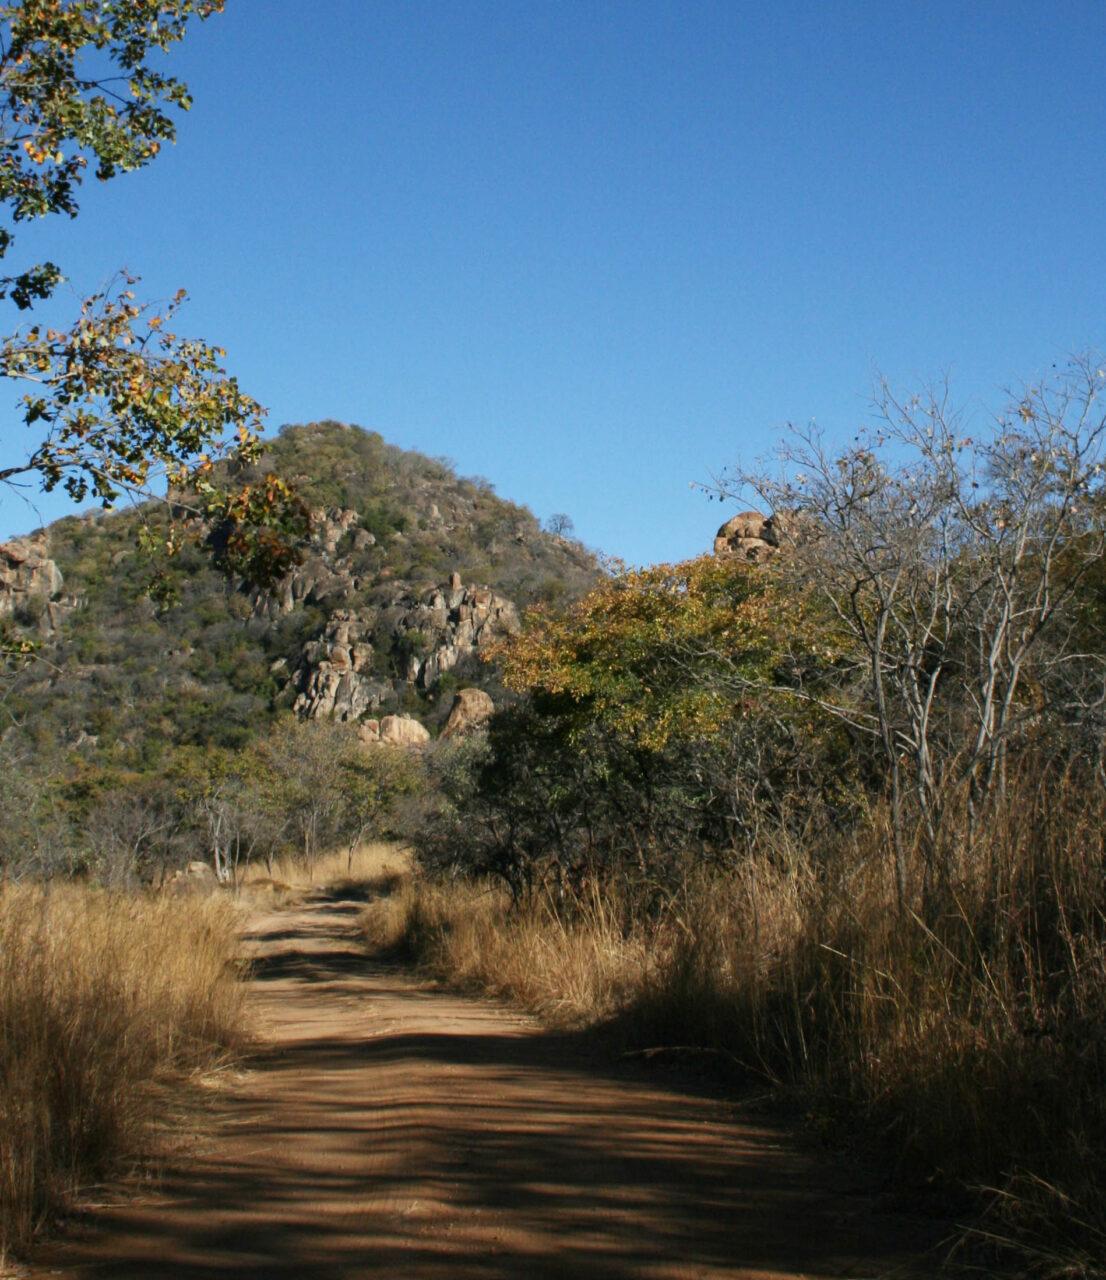 matobo_hills_trail_running